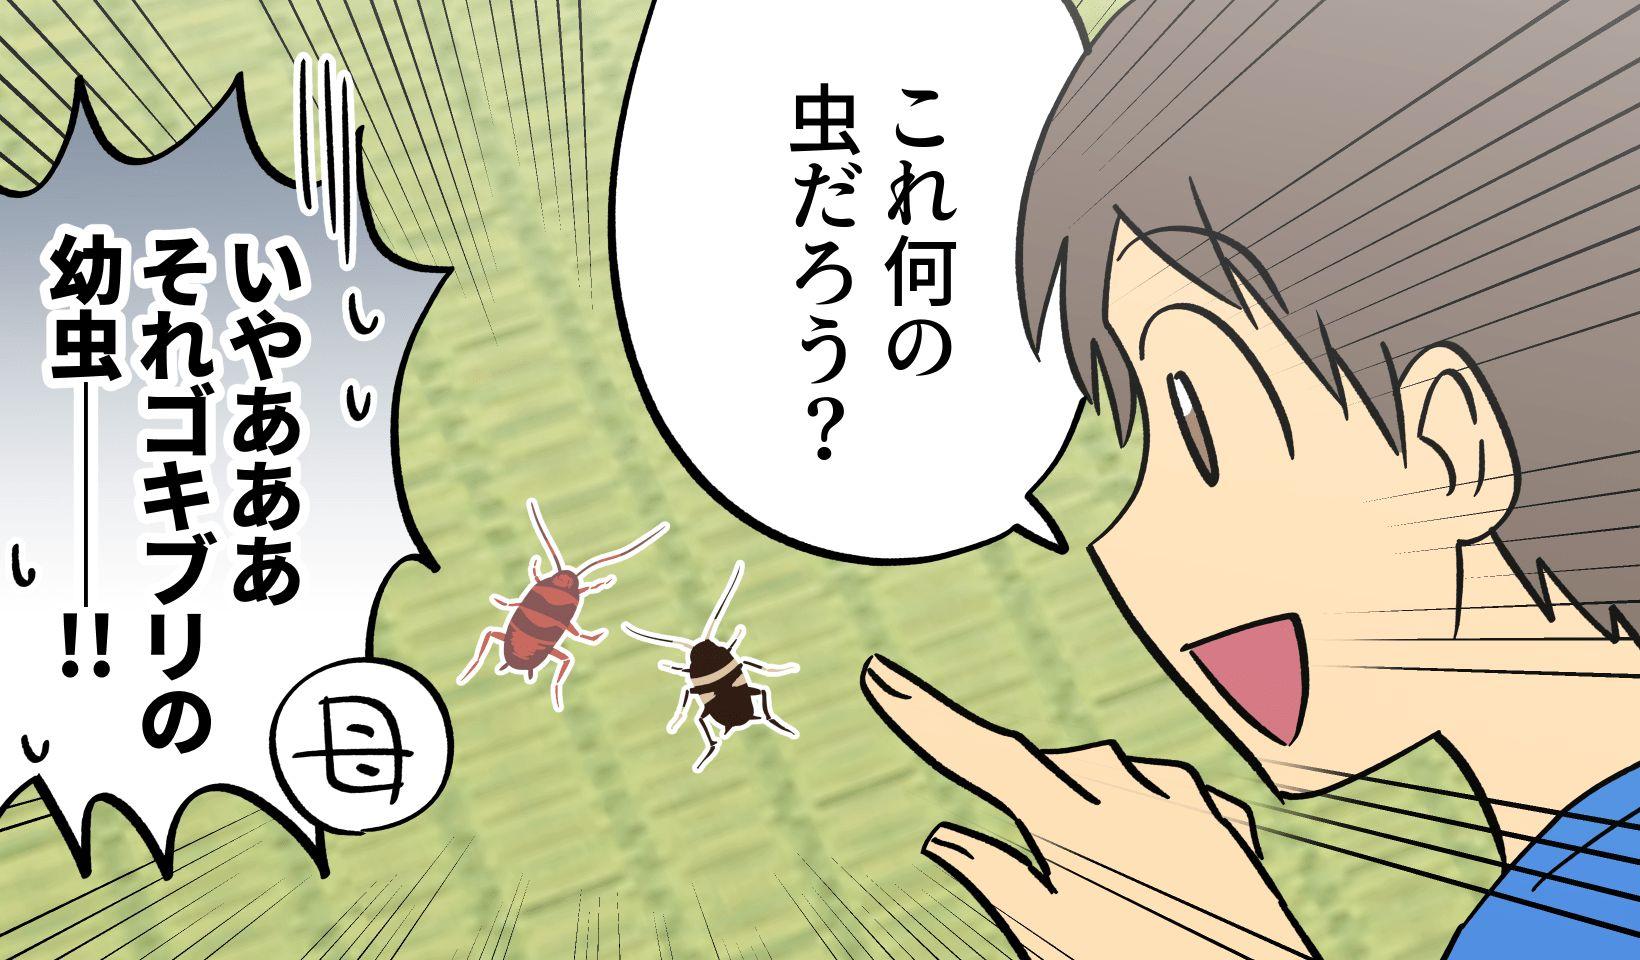 家の中でゴキブリの幼虫を発見した男の子のイラスト